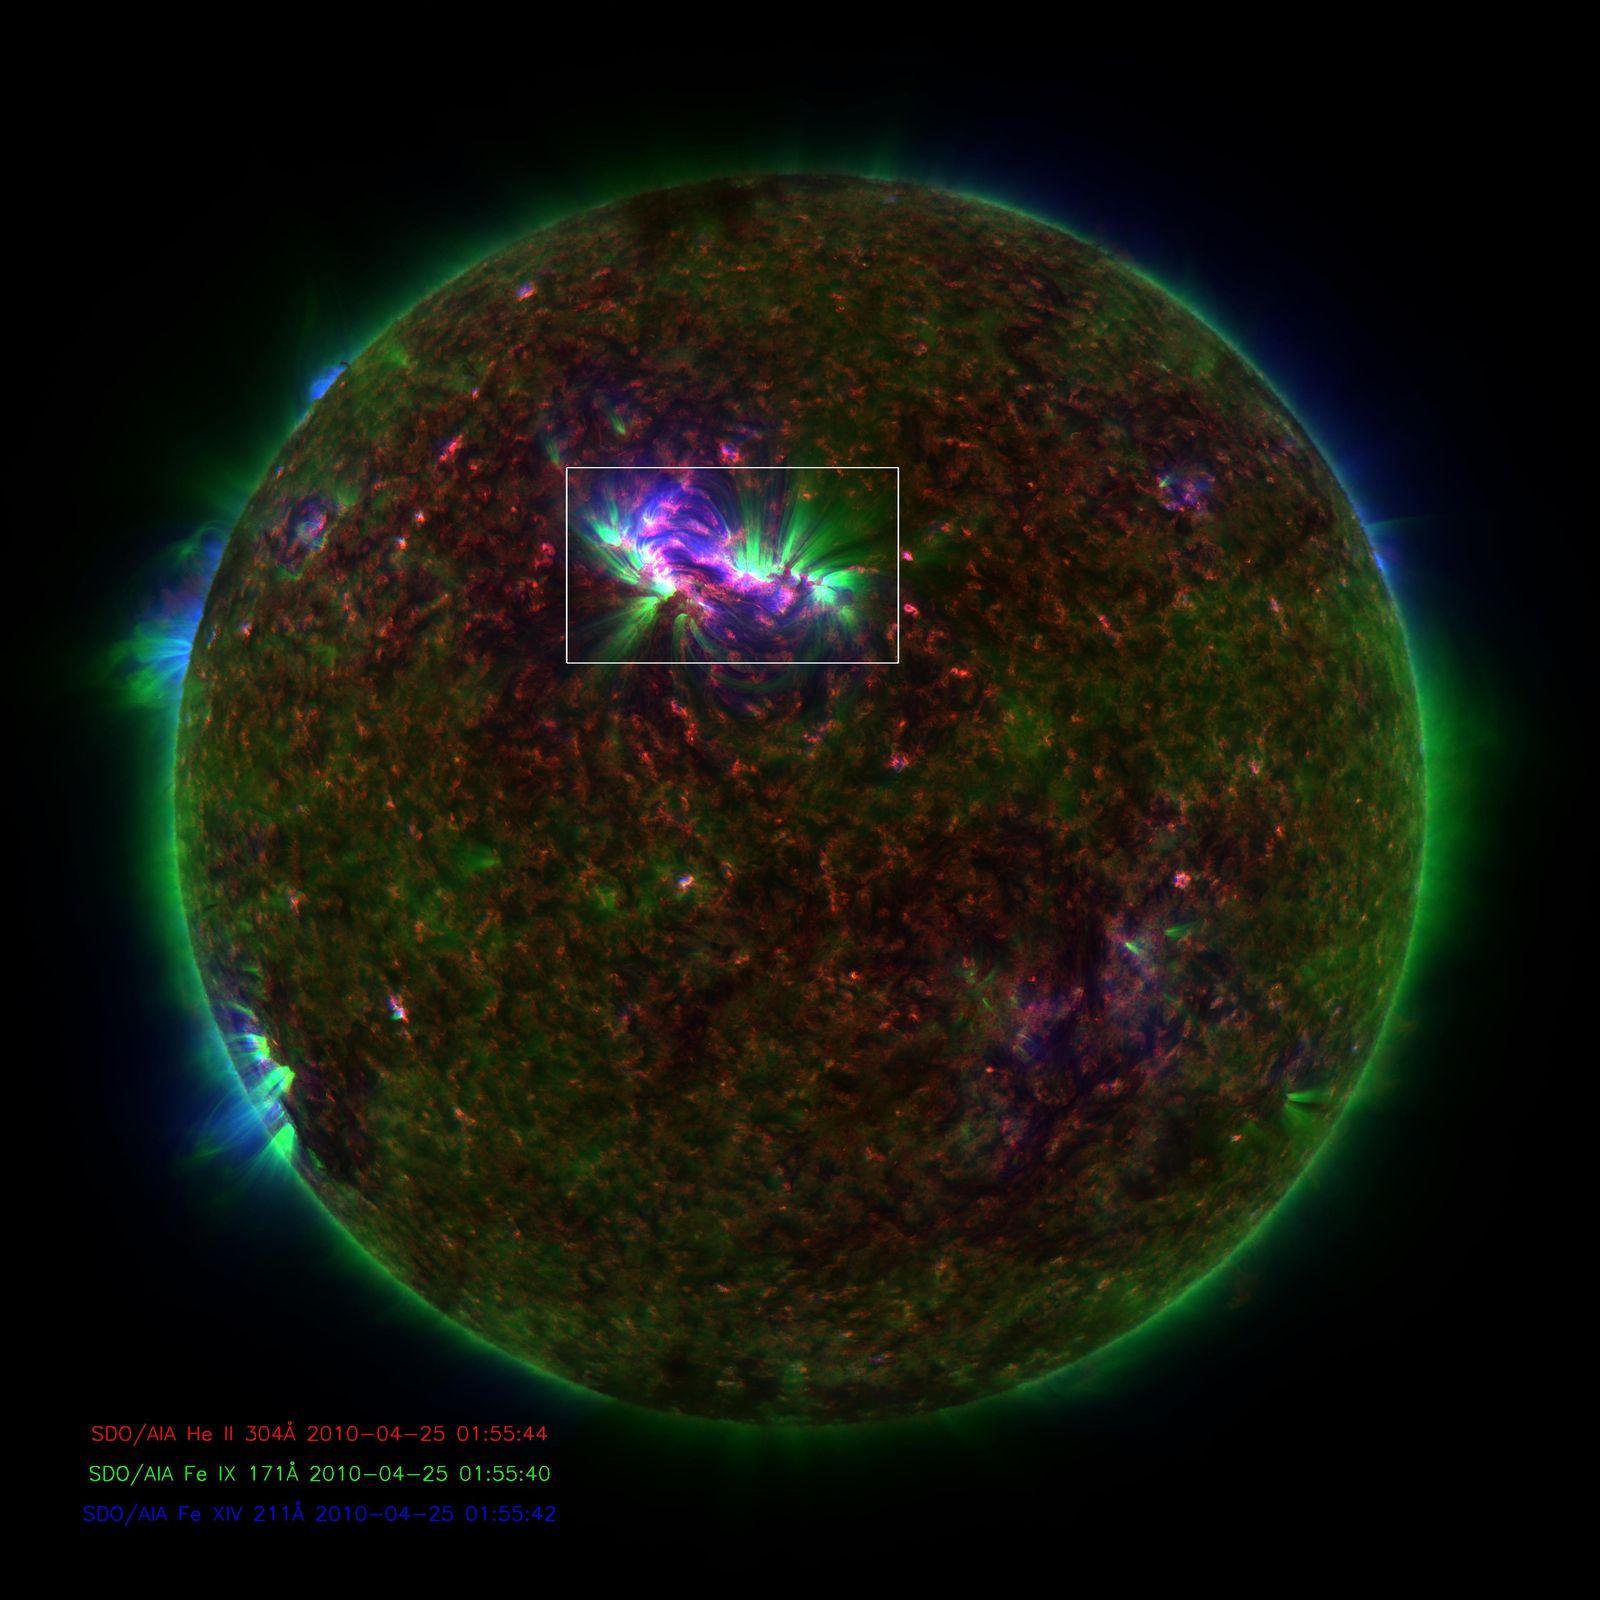 NICHT VERWENDEN Sonne / Plasmaschwingung / SDO